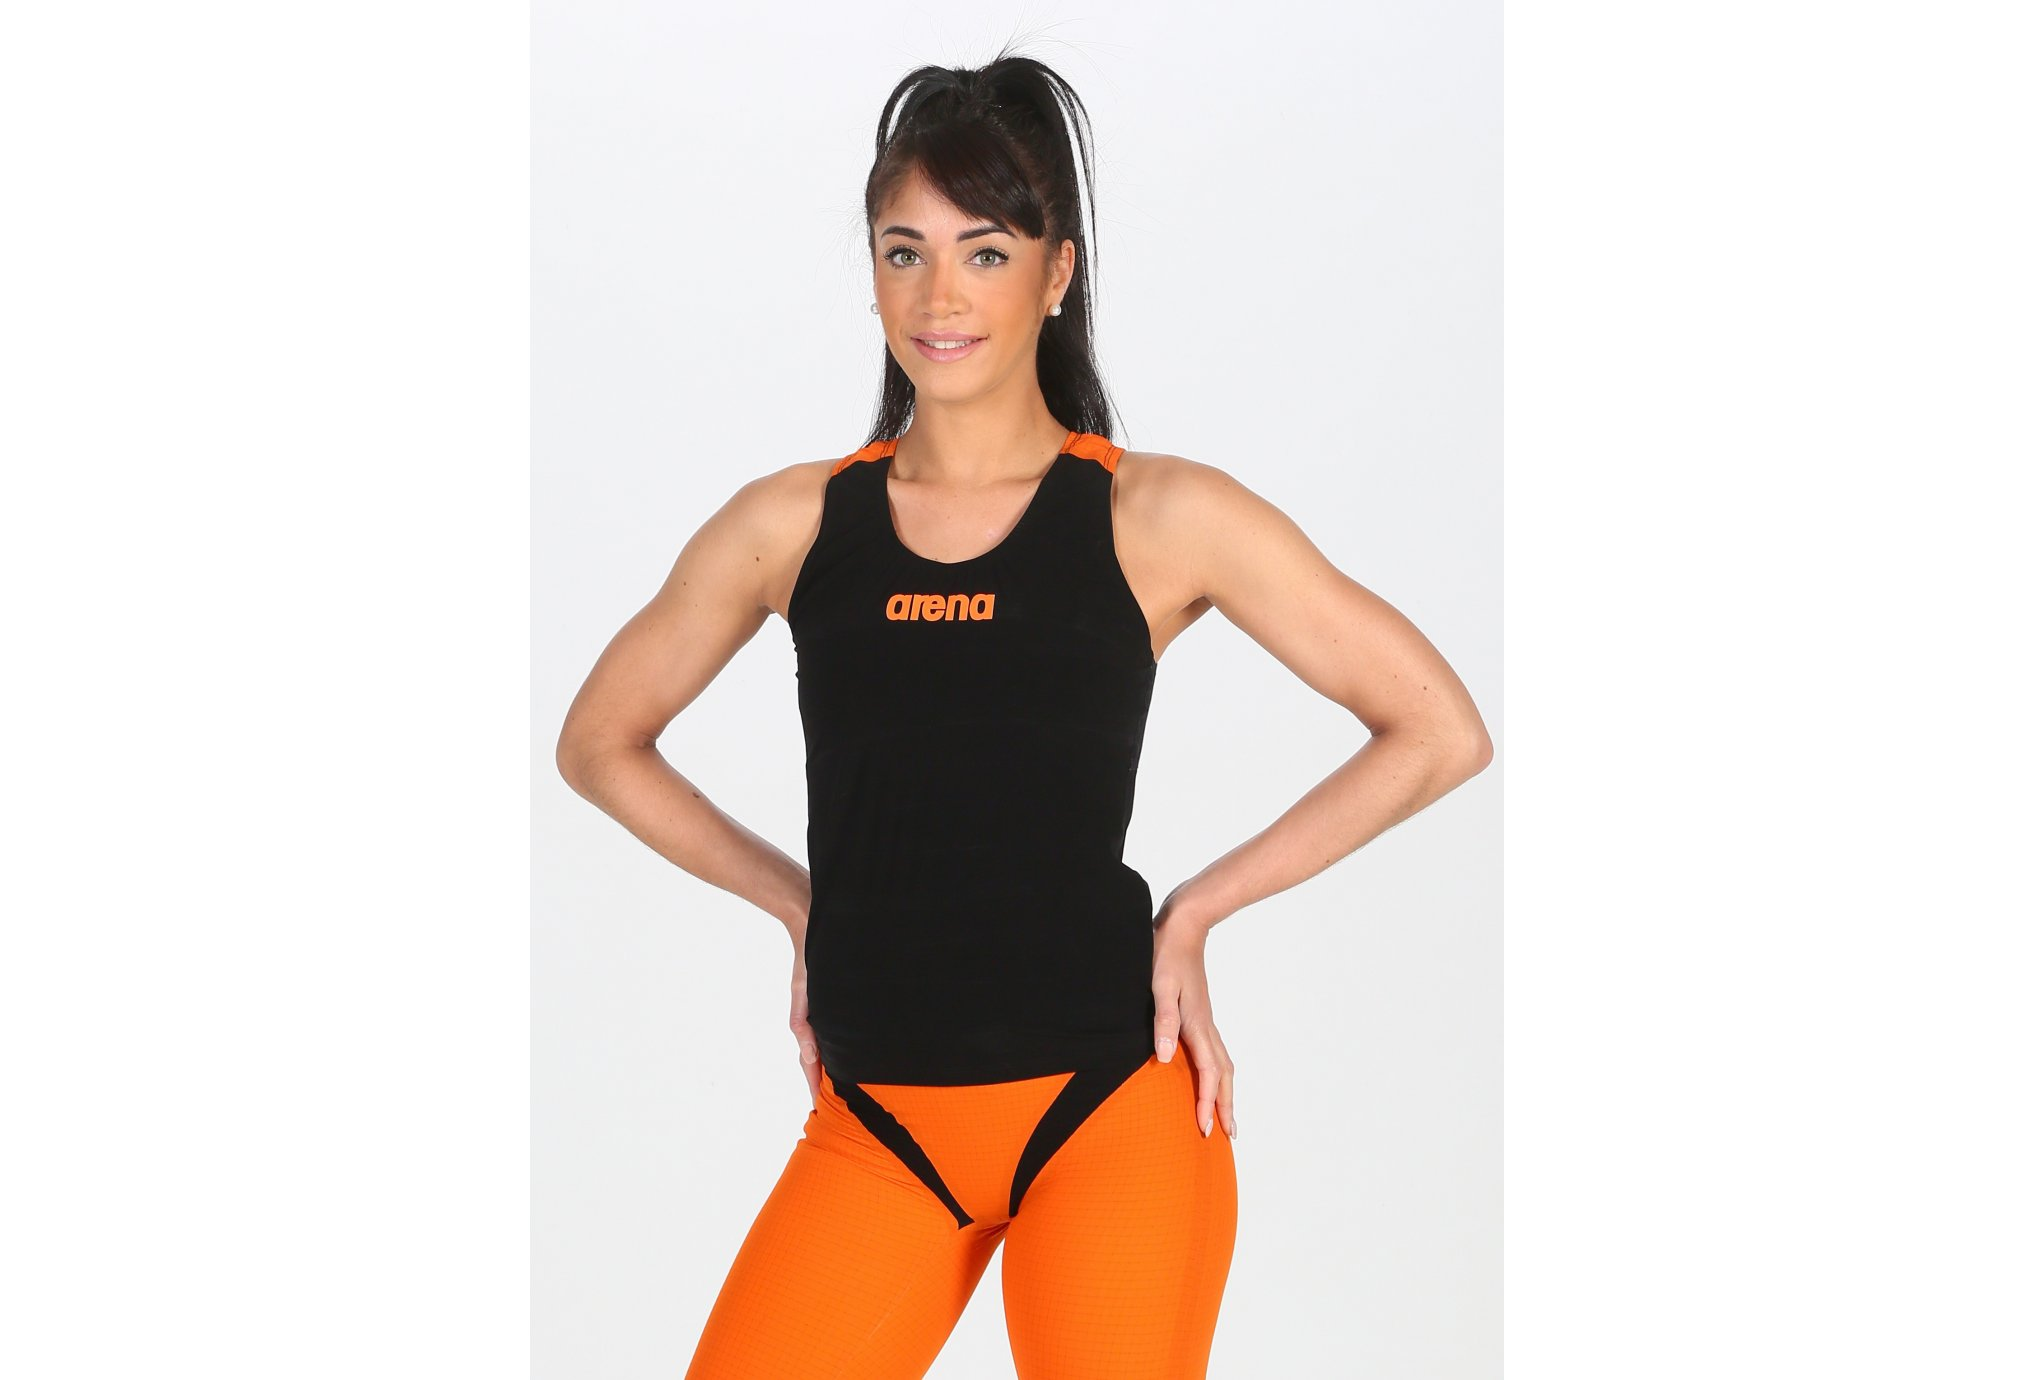 arena Carbo Pro Tri W Diététique Vêtements femme